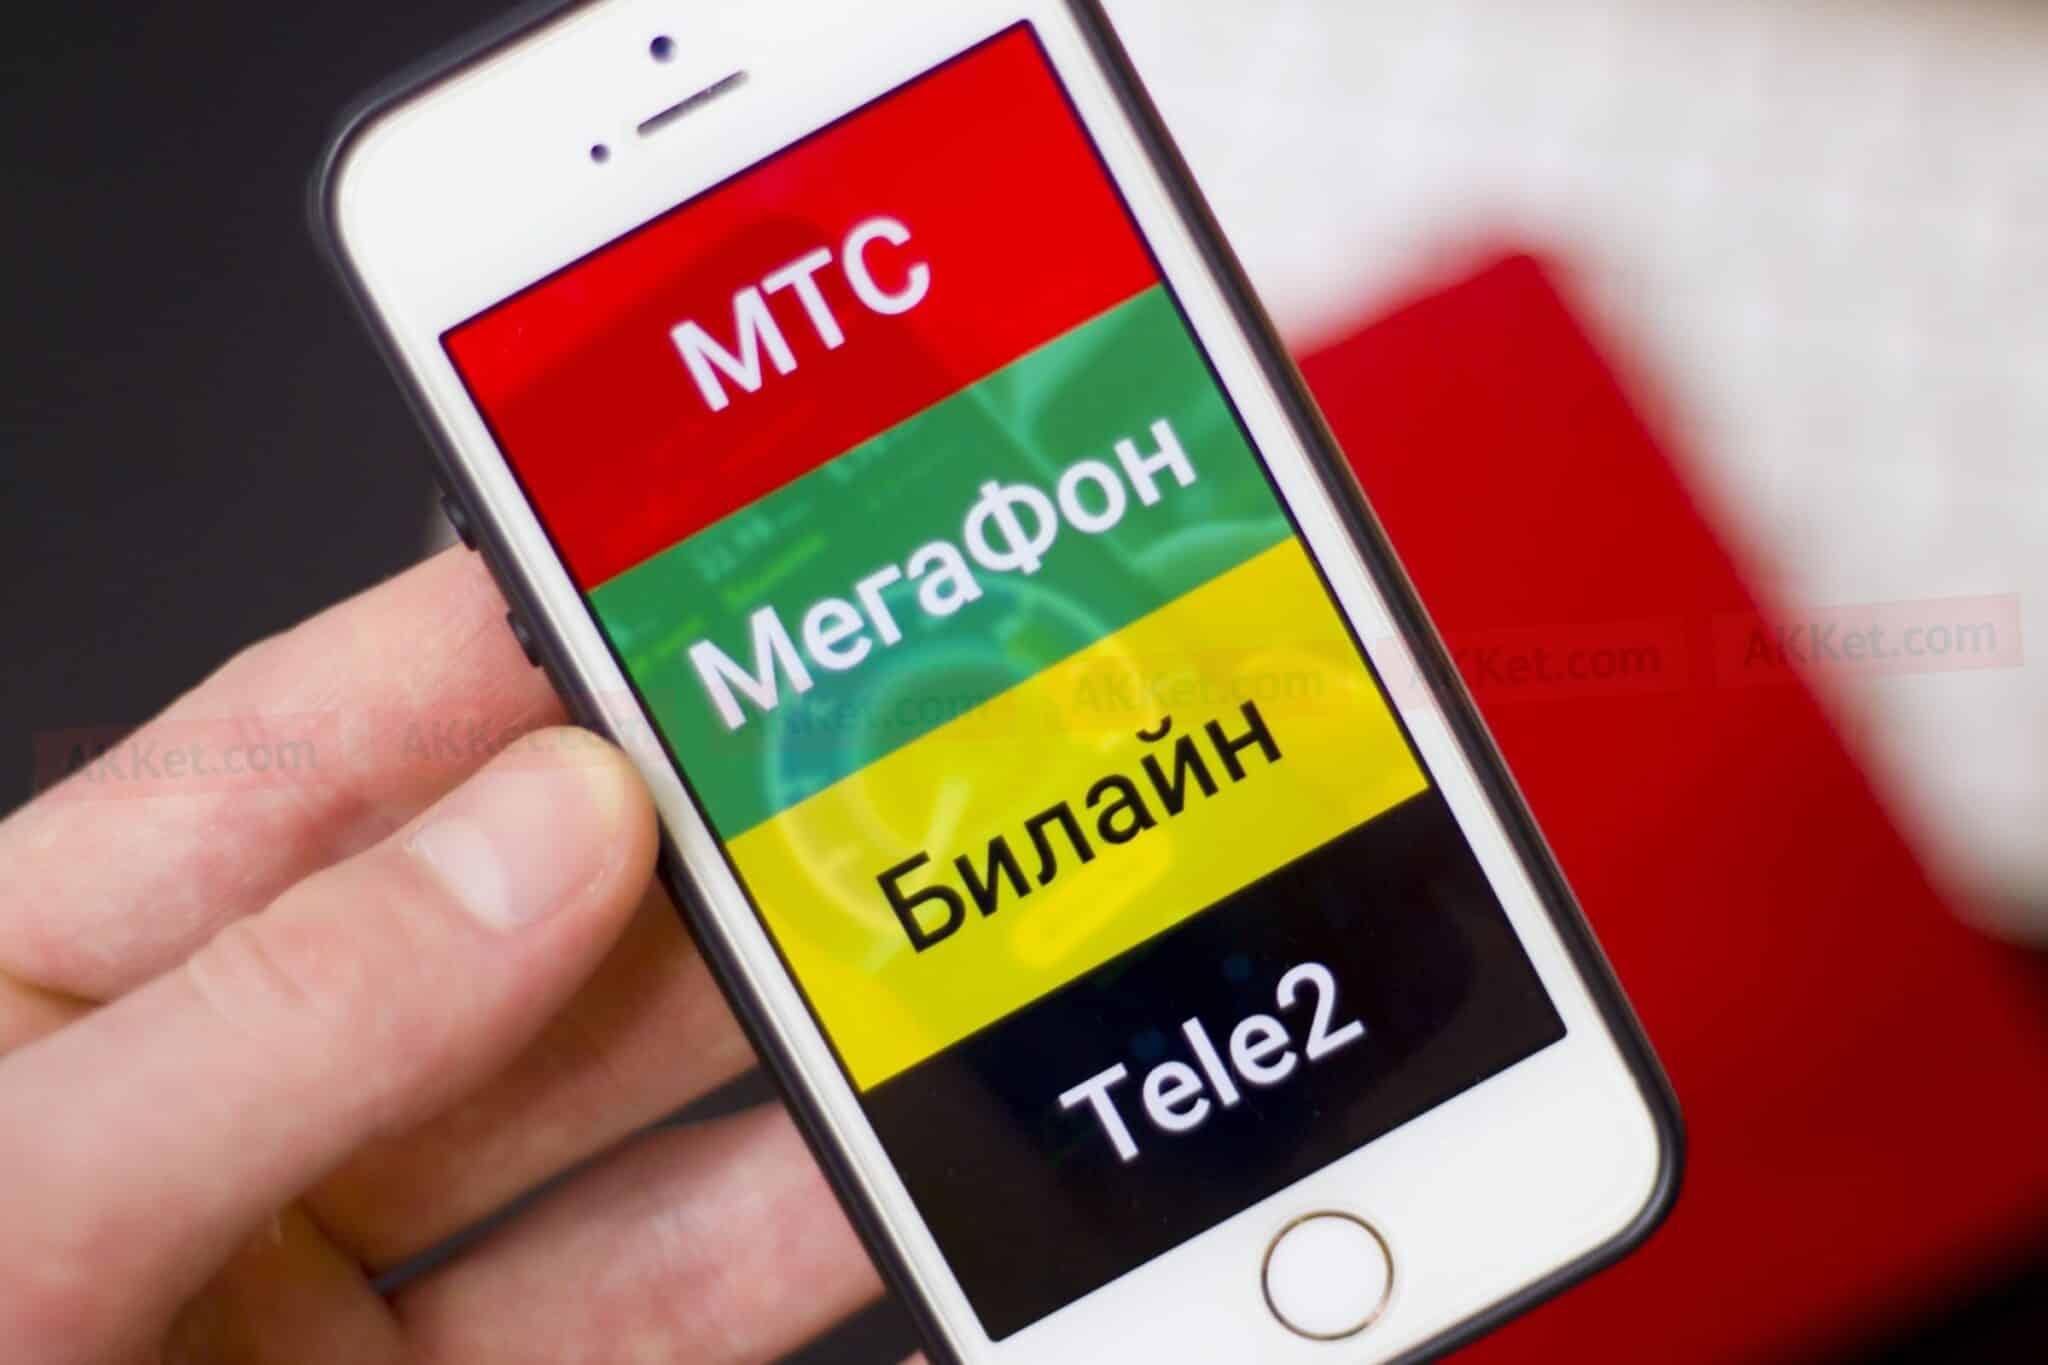 Цены на мобильную связь растут: что нас ждёт в 2020 году?